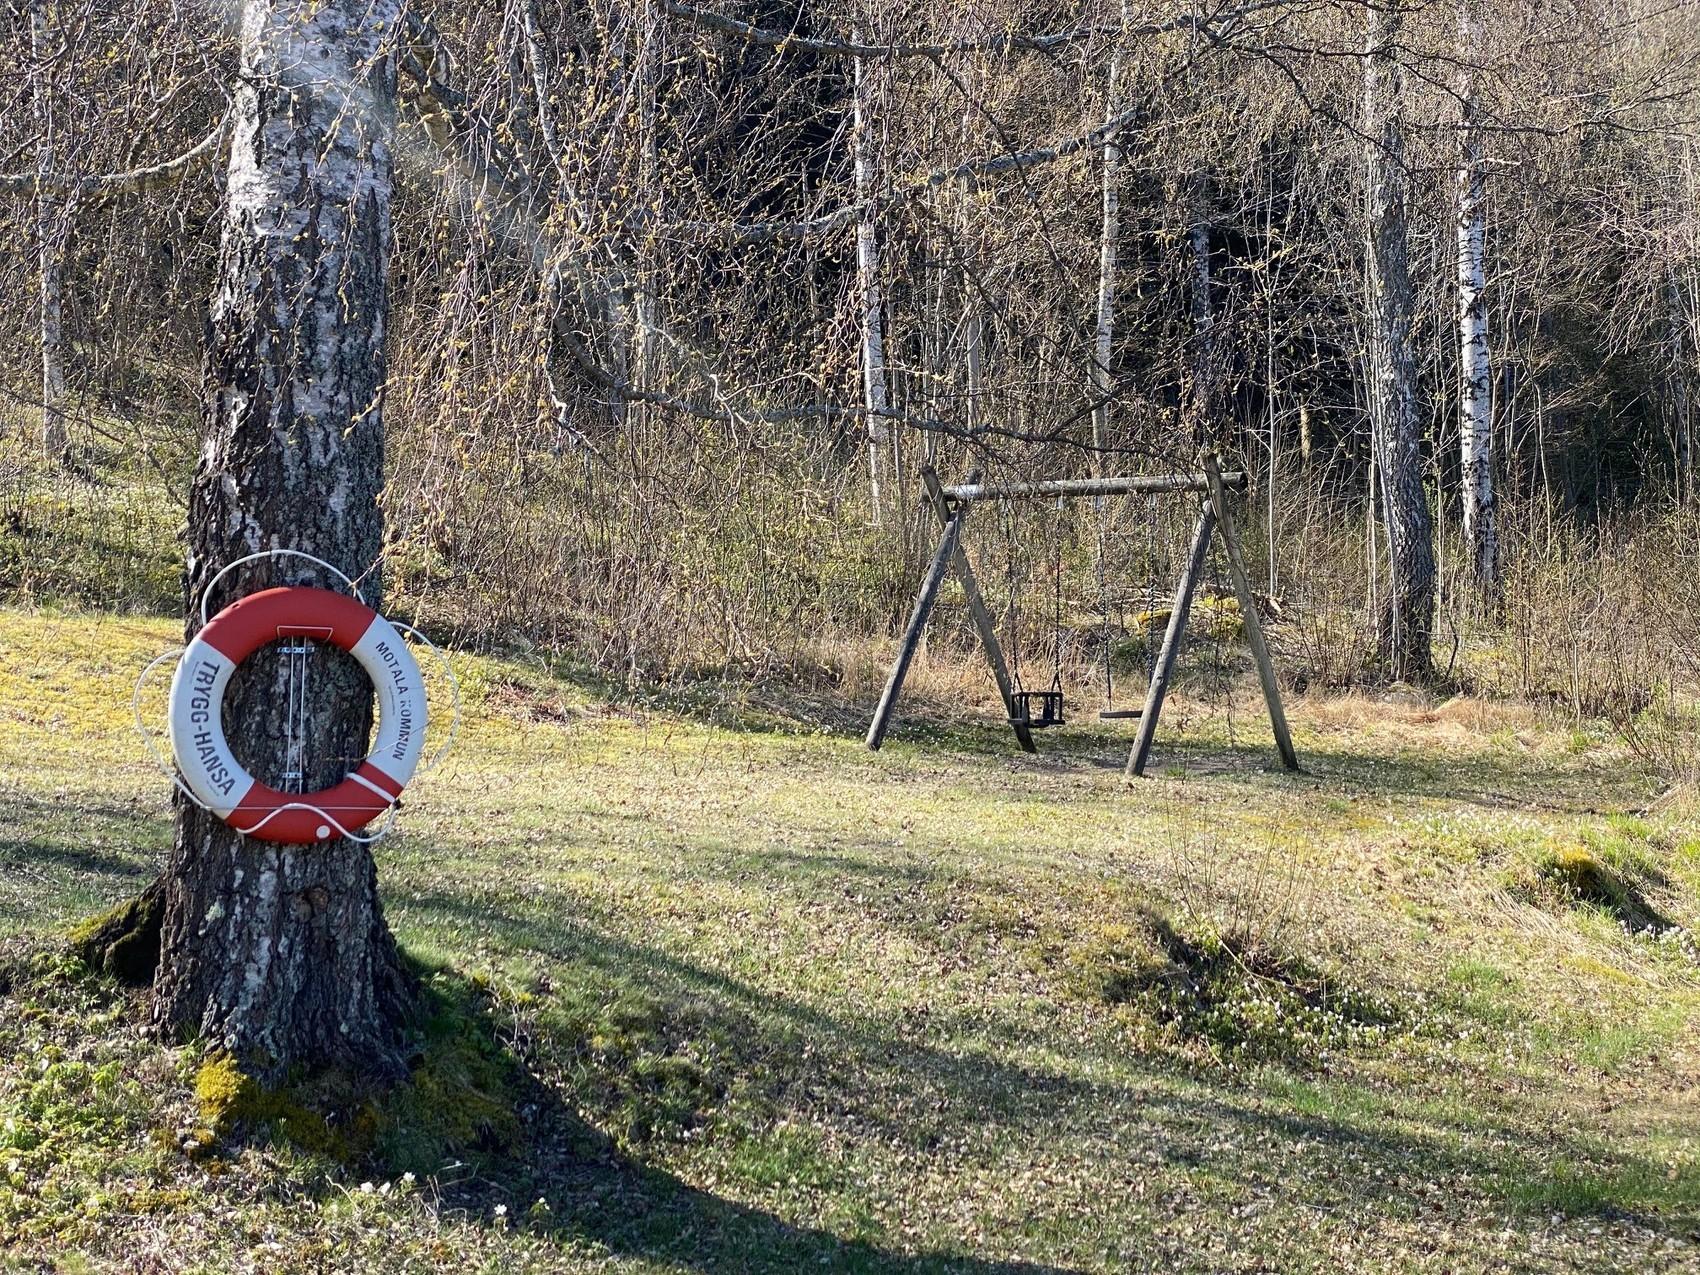 Gungställning på gräsplan. På ett träd hänger en livboj.